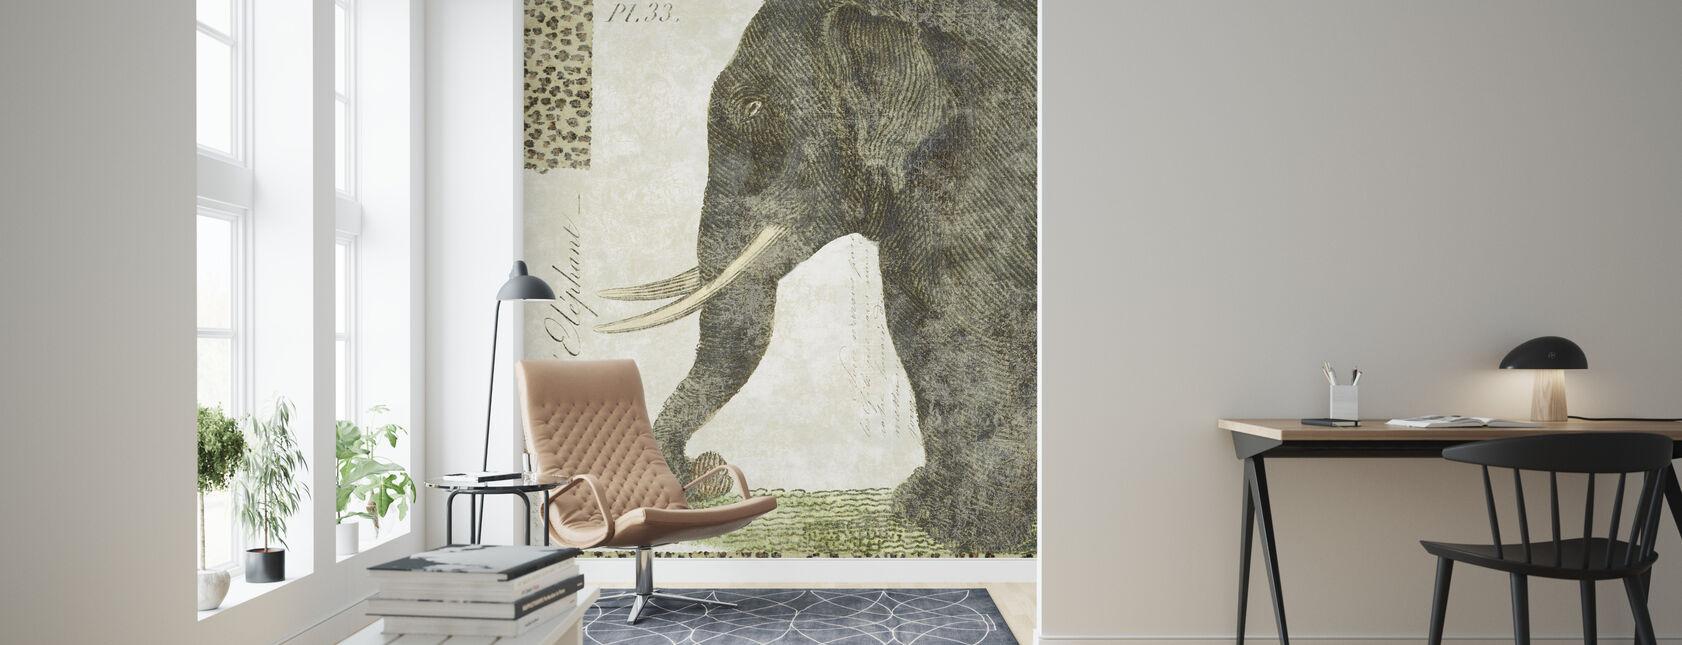 L Elephant - Wallpaper - Living Room